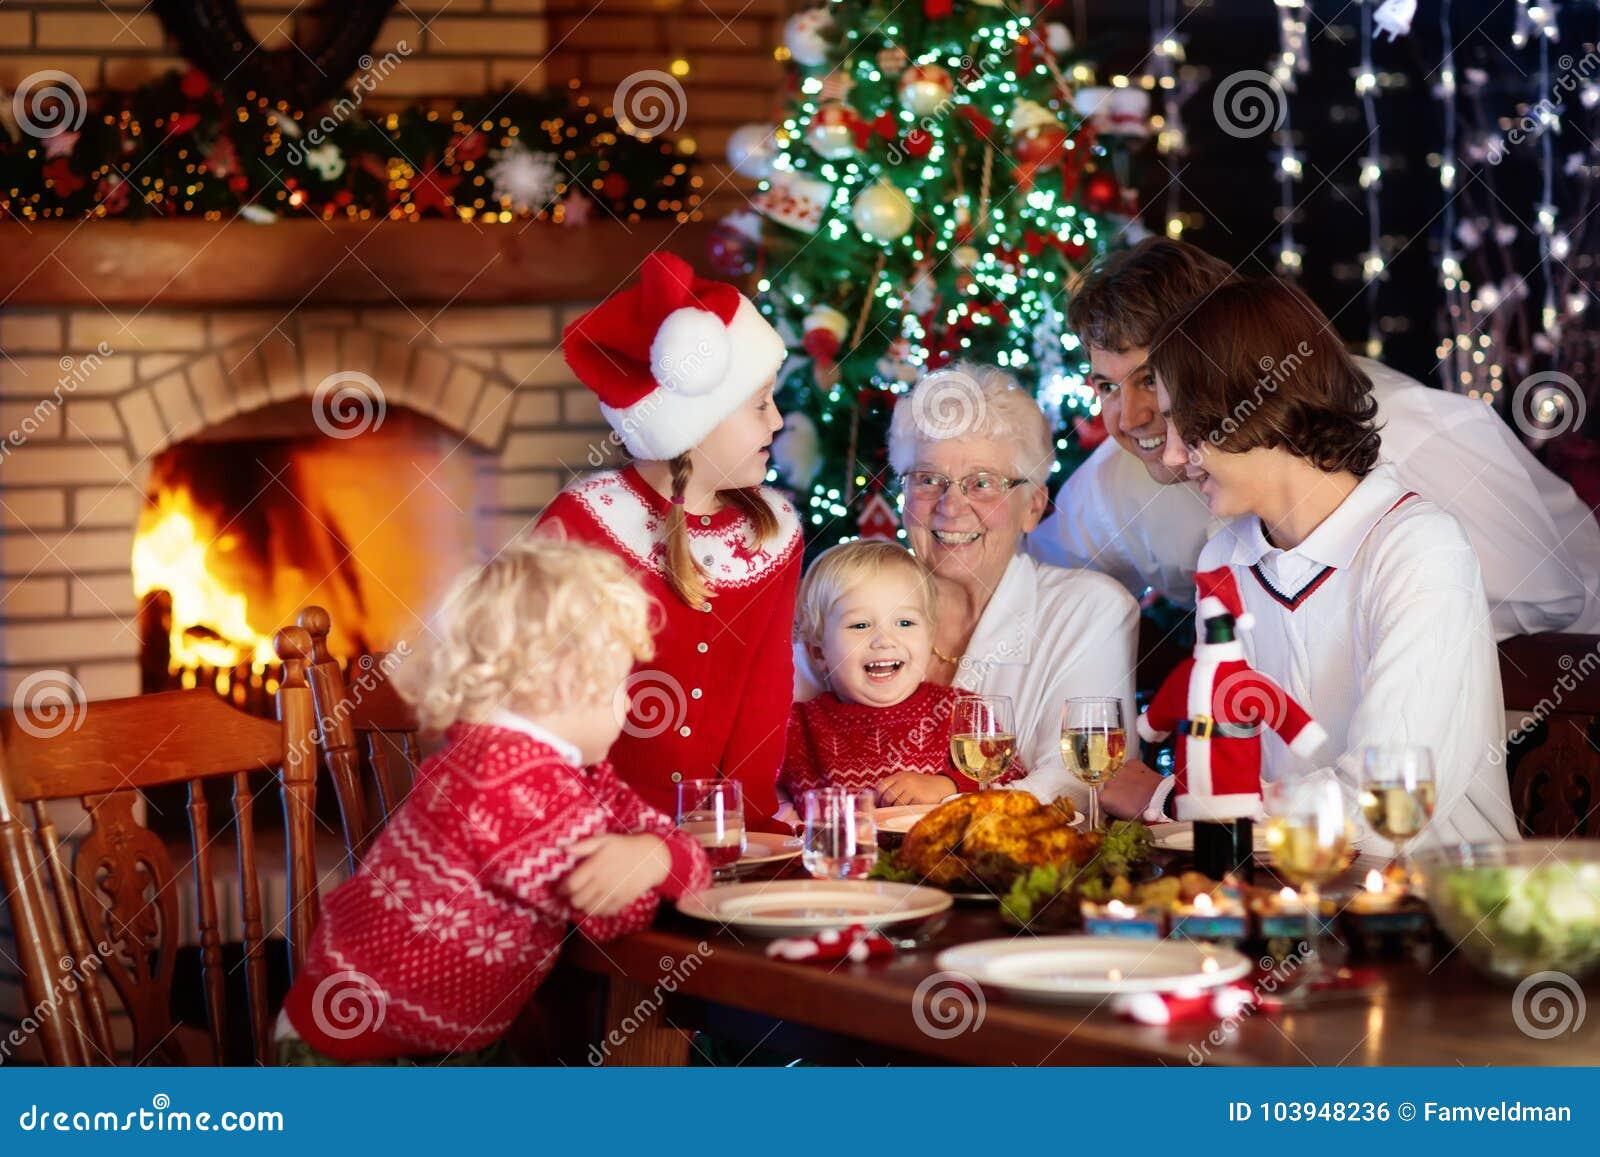 Immagini Di Natale In Famiglia.Pranzo Di Natale Famiglia Con I Bambini All Albero Di Natale Fotografia Stock Immagine Di Amore Bambini 103948236